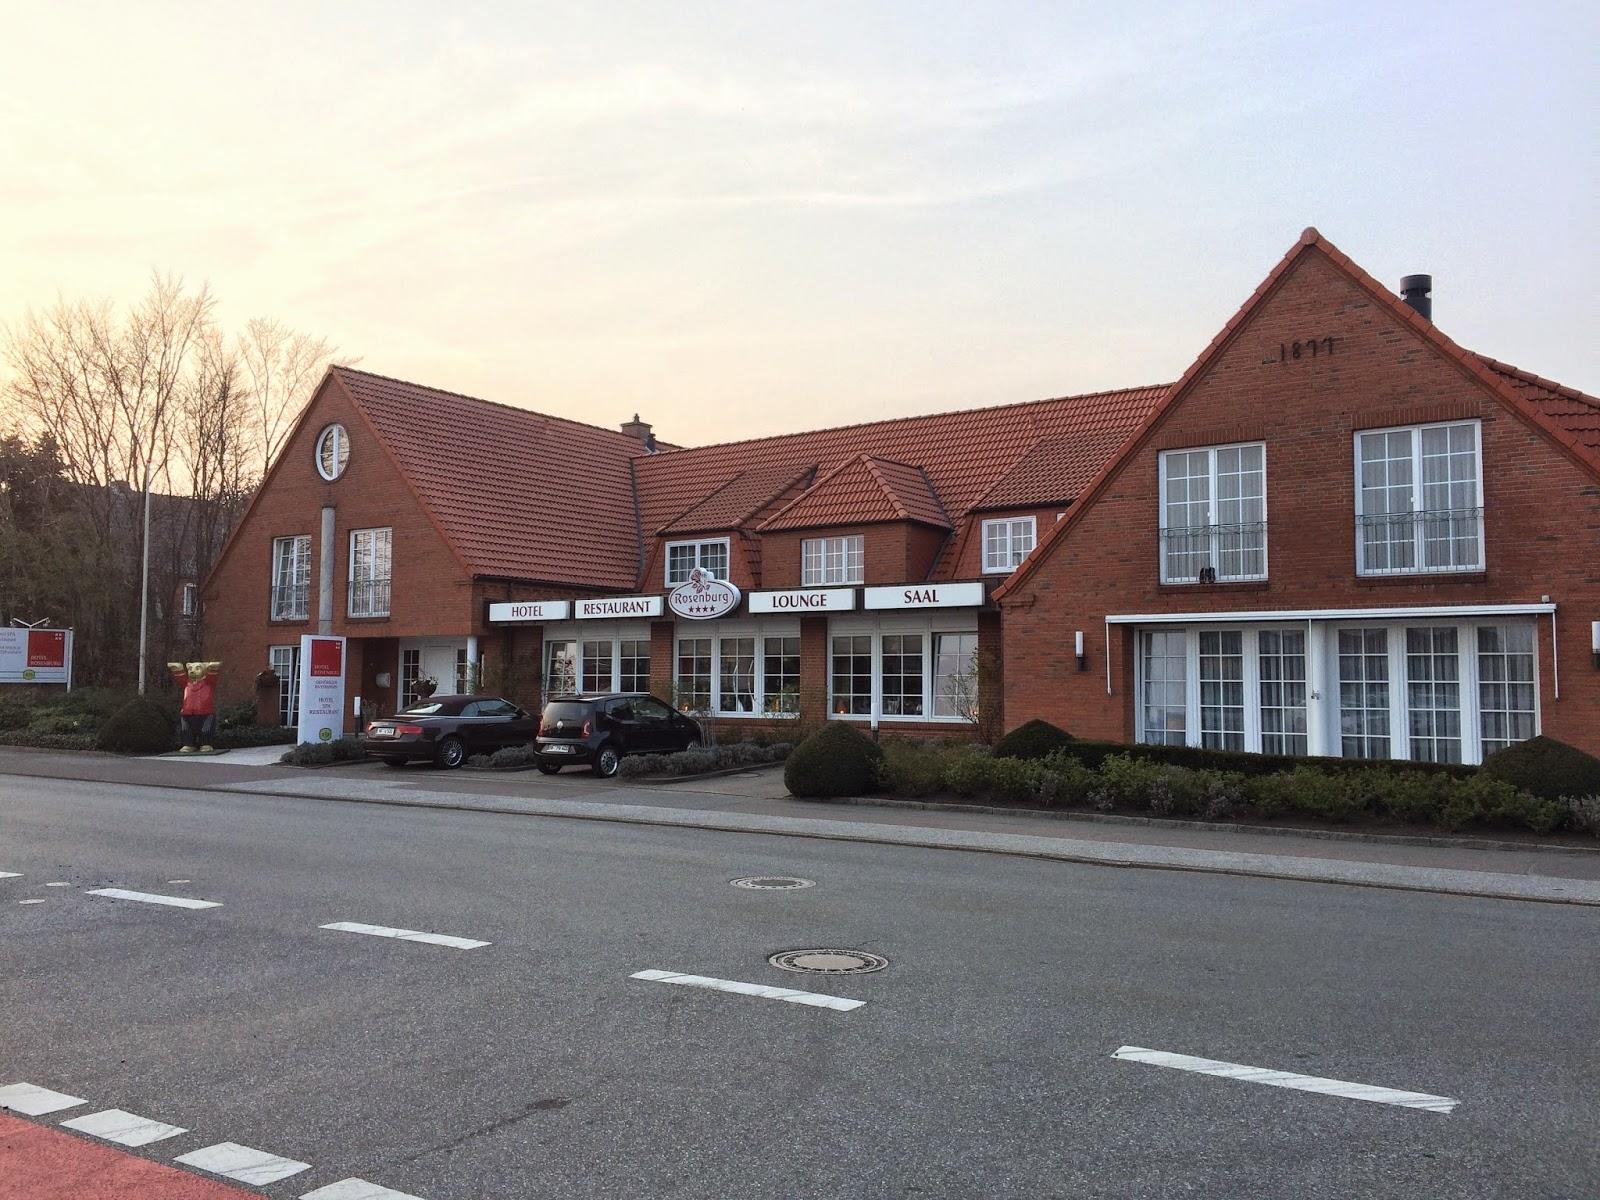 Sonnenbad Brachen Wir Auf Richtung Hotel Rosenburg, Einer Sehr Gut  Ausgestatteten Herberge .